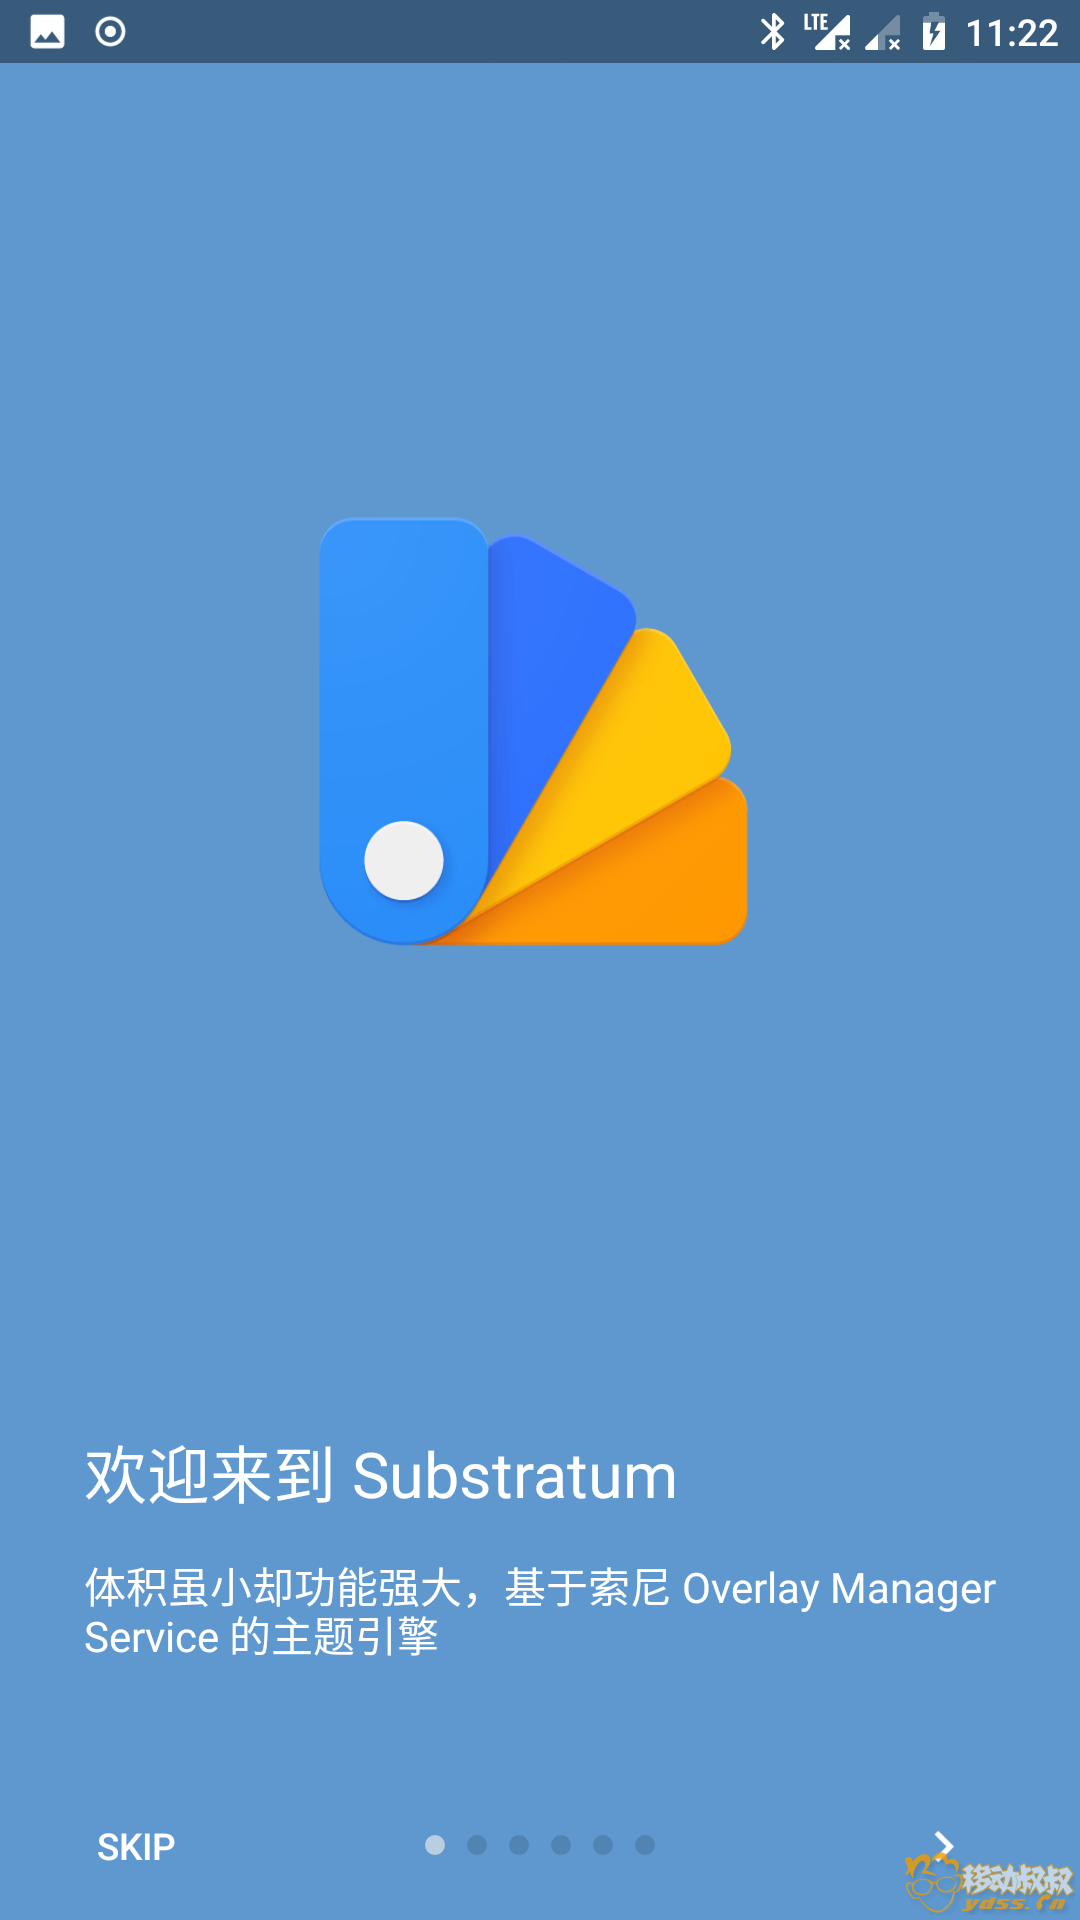 Screenshot_substratum_20180410-232204.png